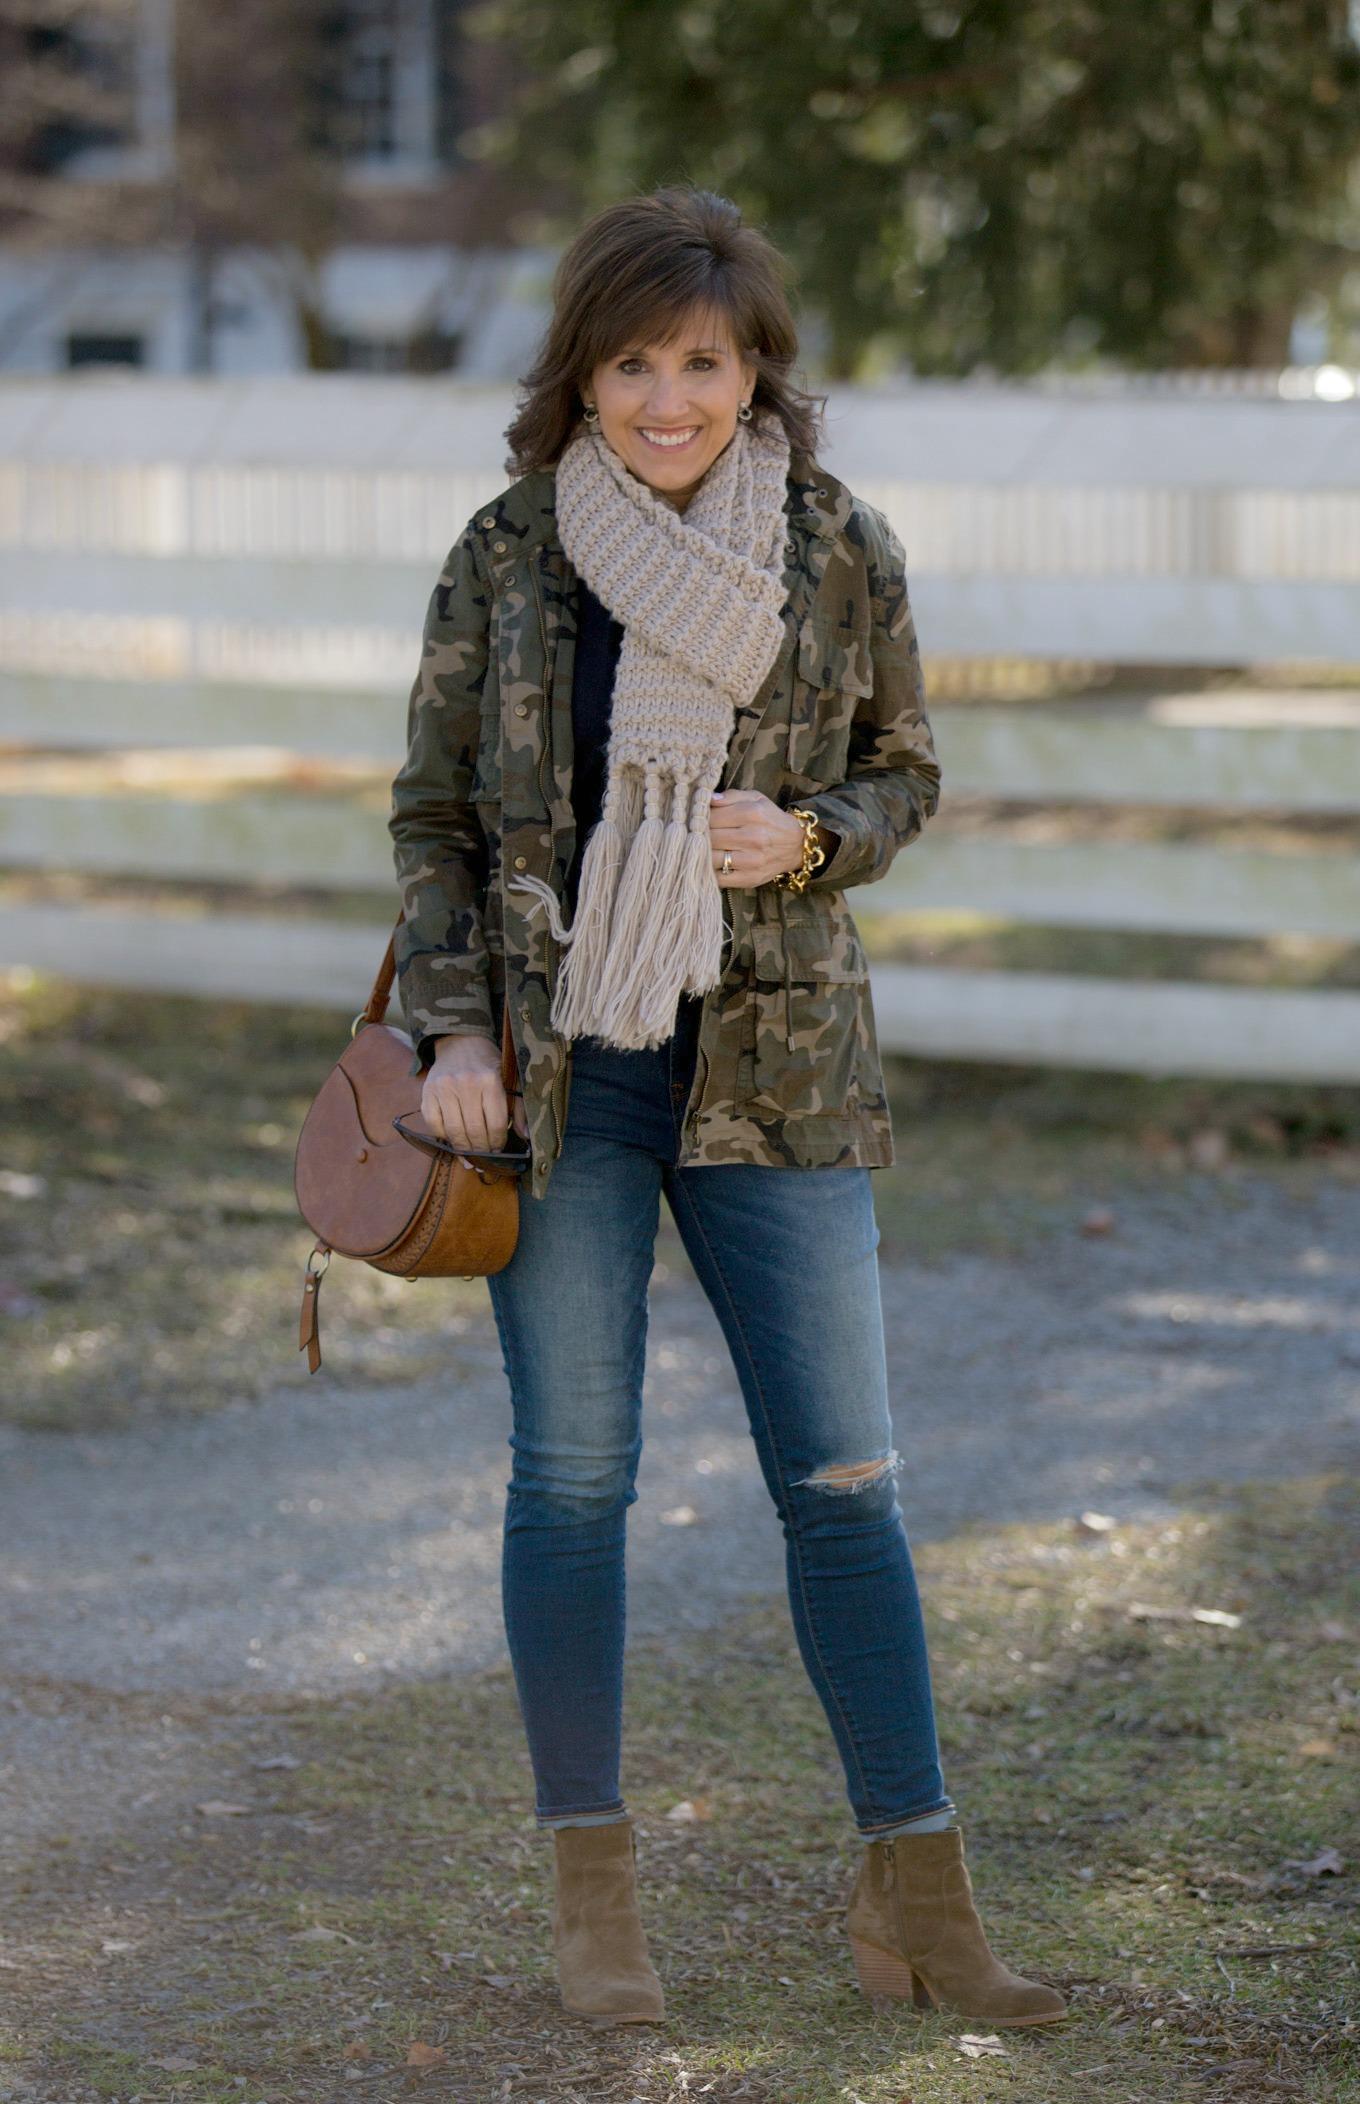 Fashion blogger, Cyndi Spivey, styling a camo jacket.